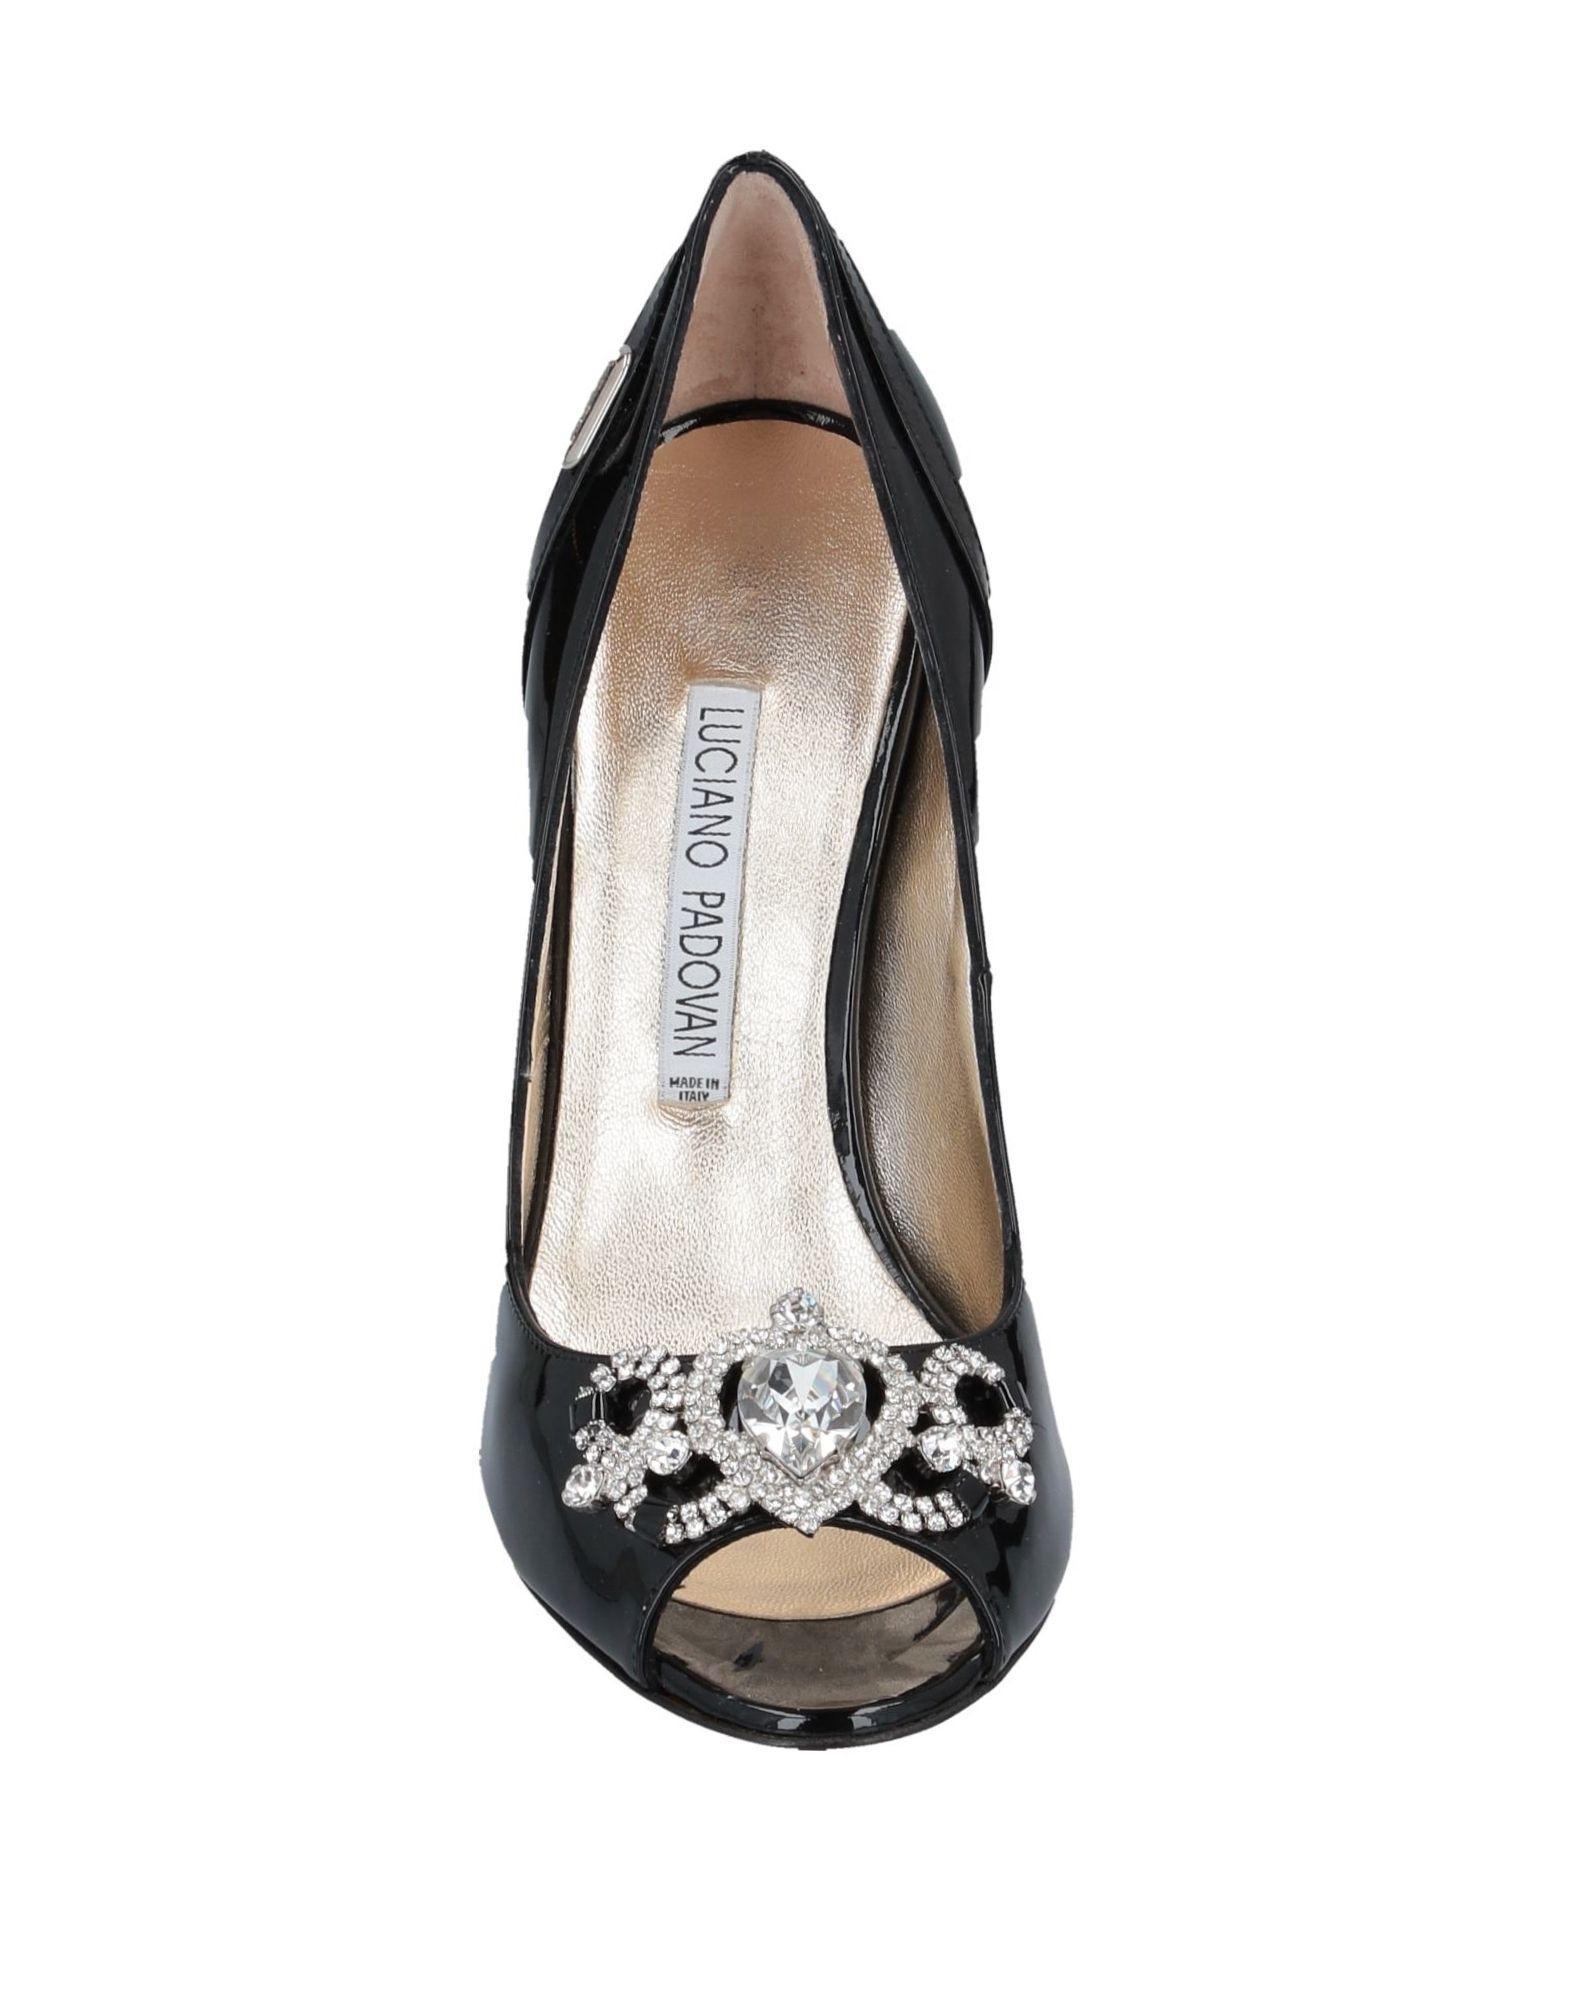 Zapatos de salón Luciano Padovan de Cuero de color Negro